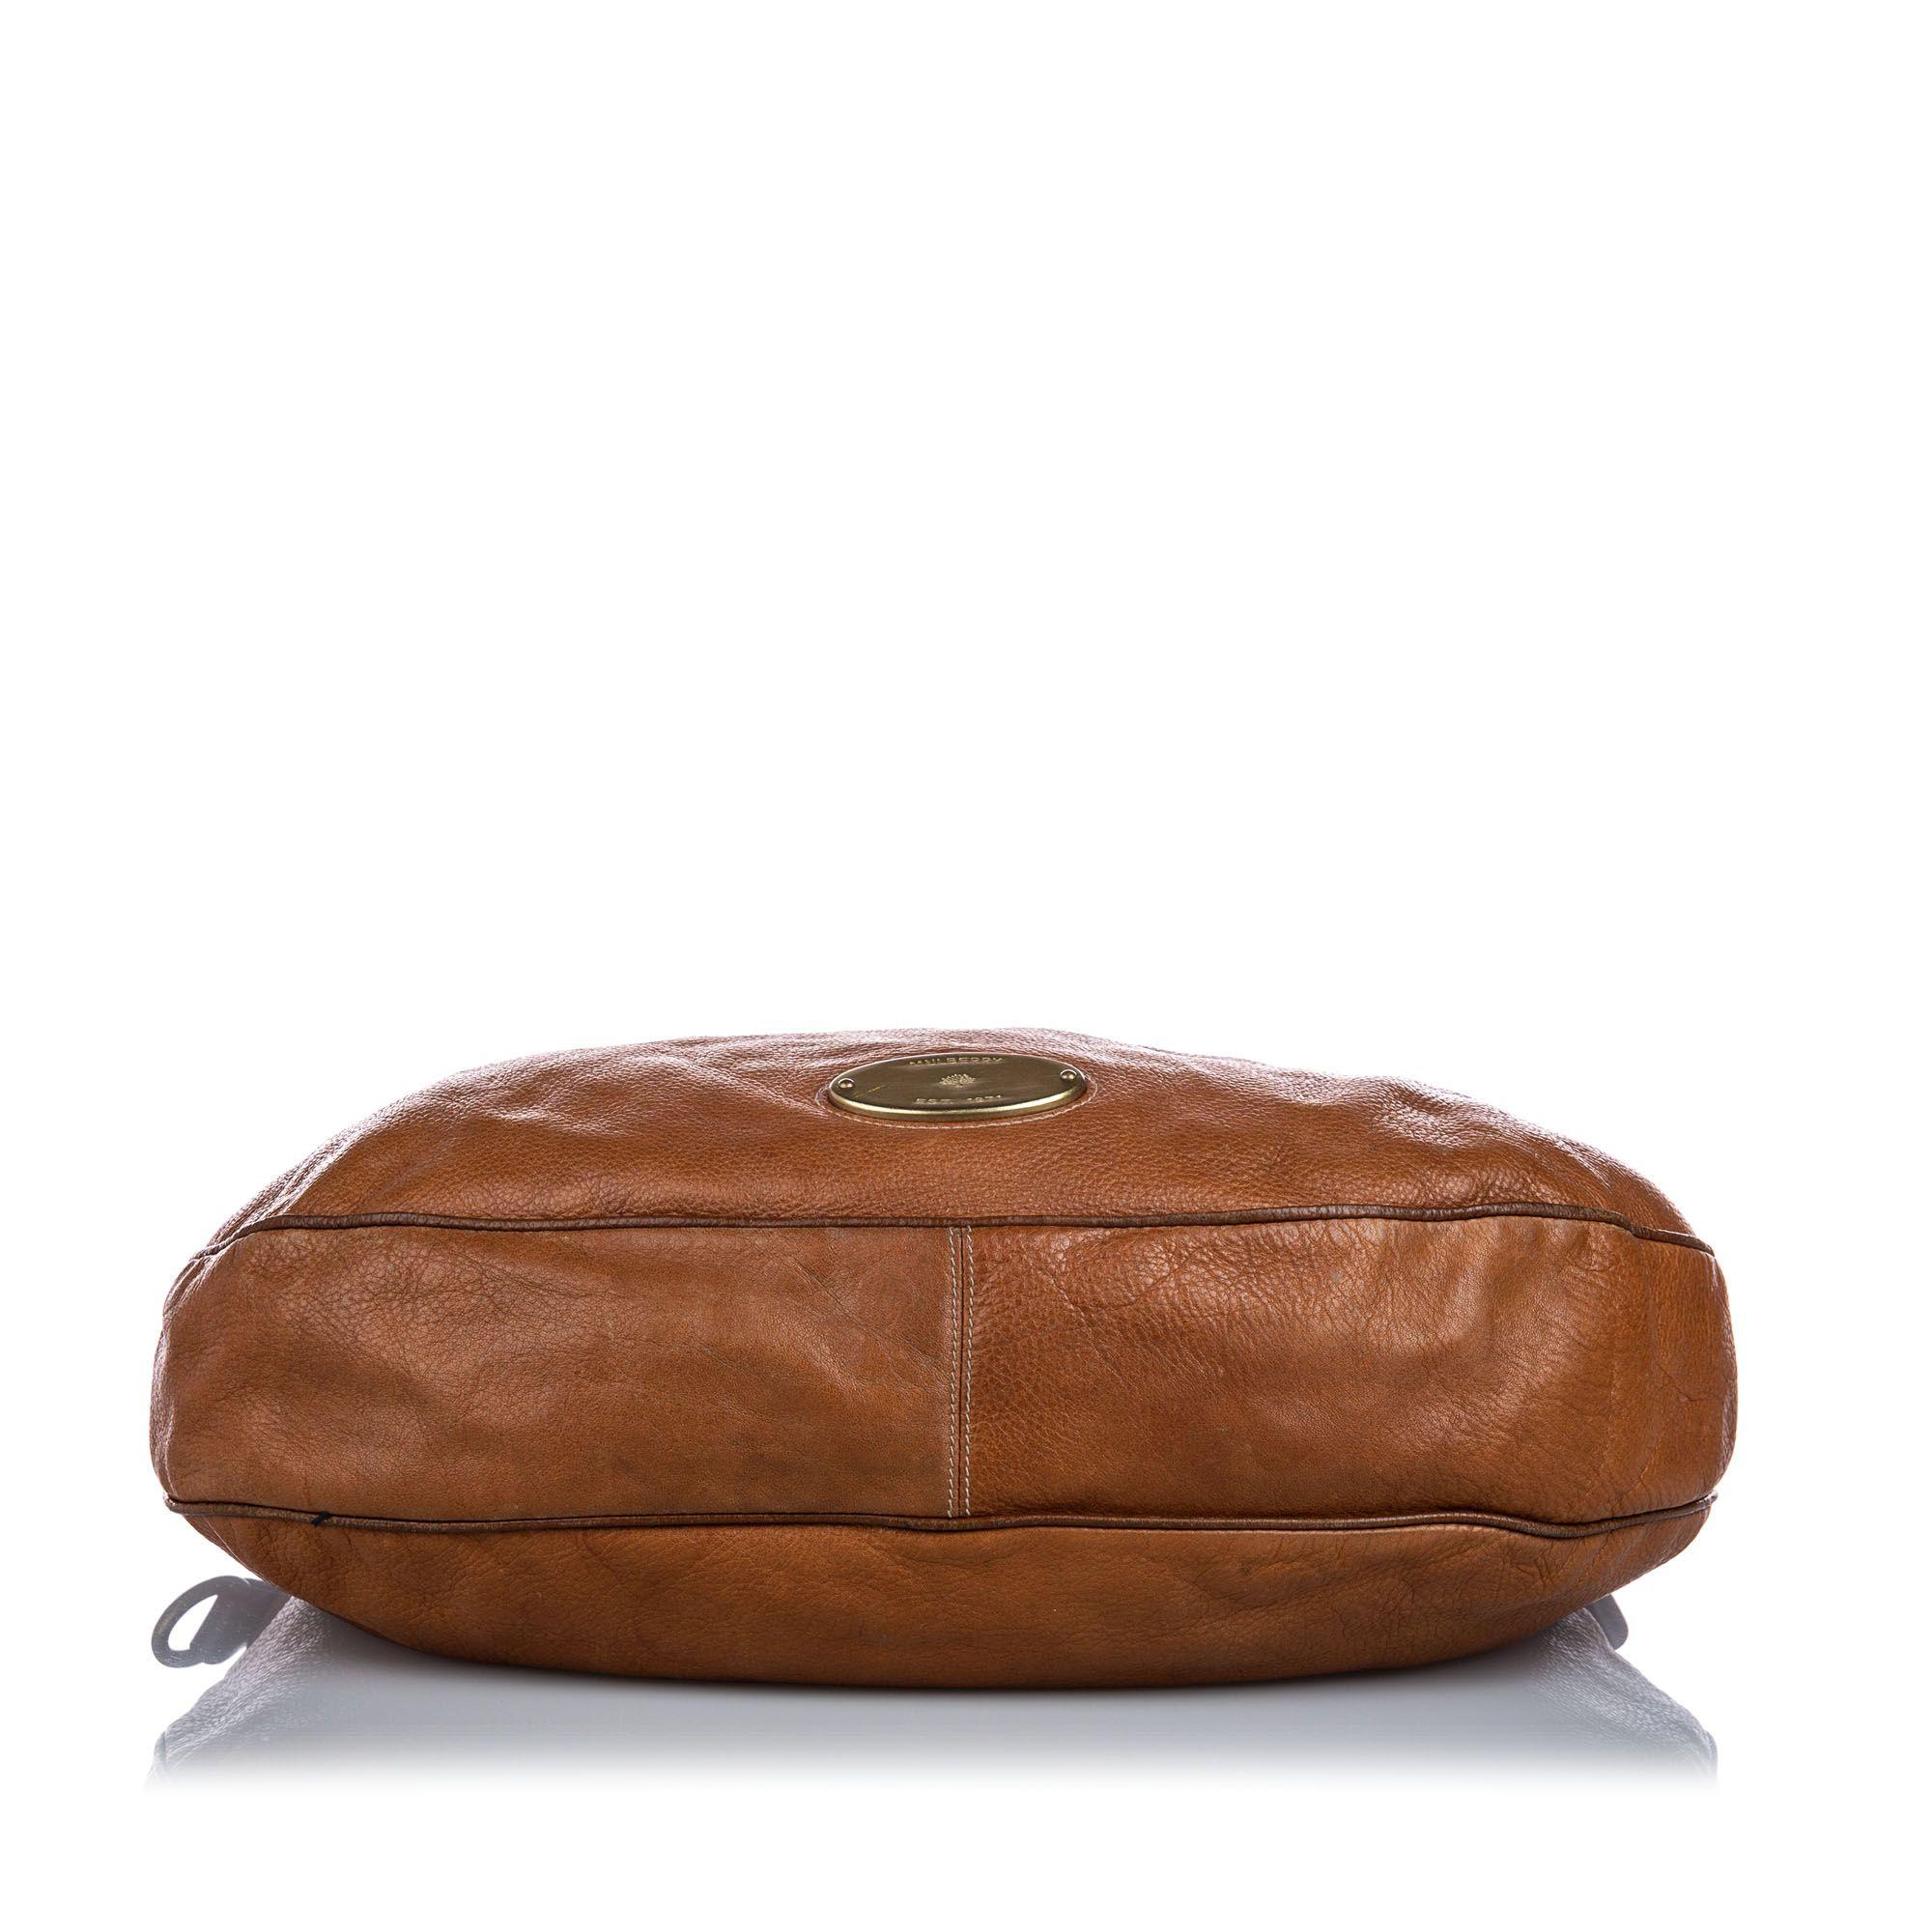 Vintage Mulberry Leather Mitzy Shoulder Bag Brown